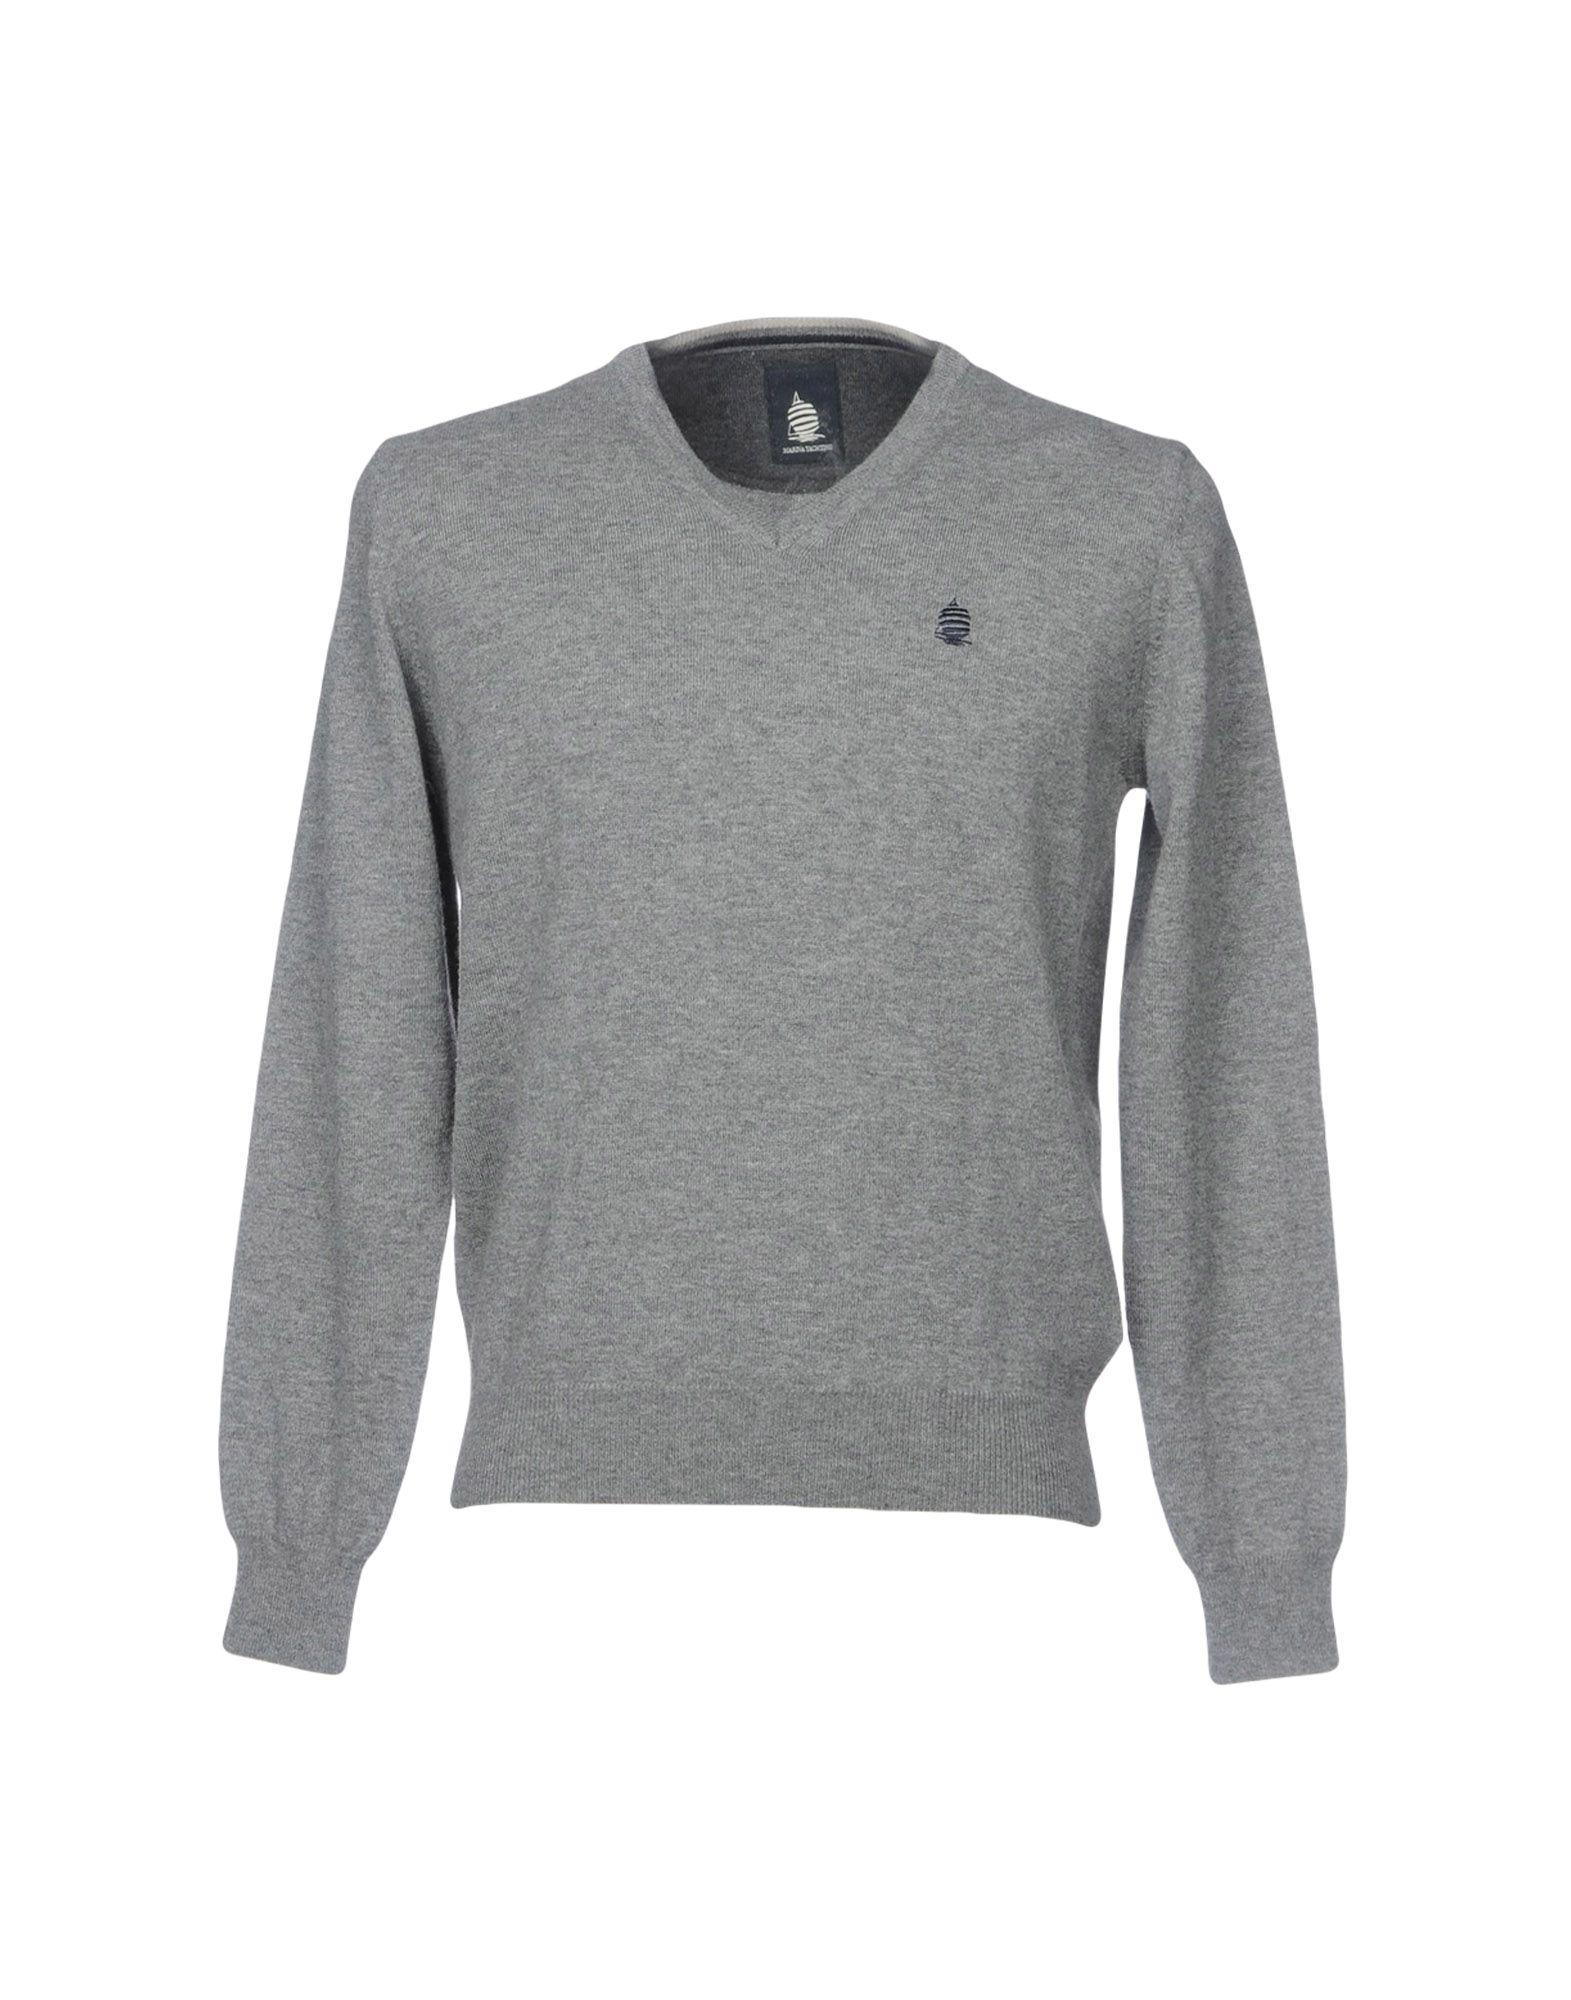 MARINA YACHTING Herren Pullover Farbe Grau Größe 5